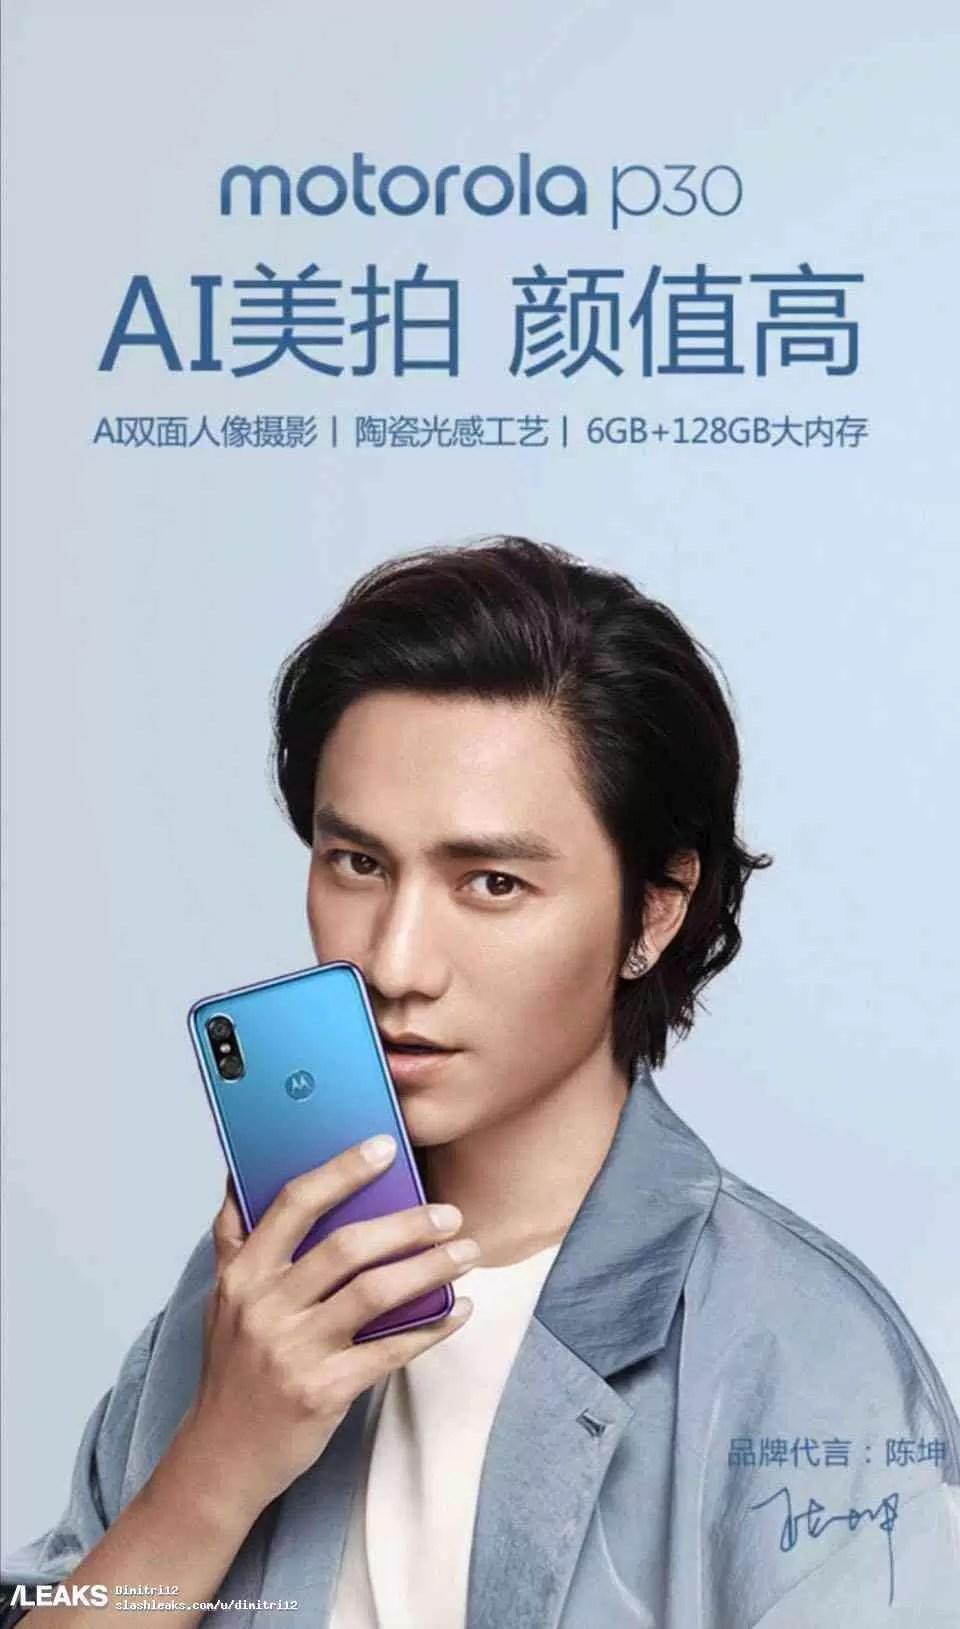 Motorola P30 revelado com especificações no site oficial na China 4